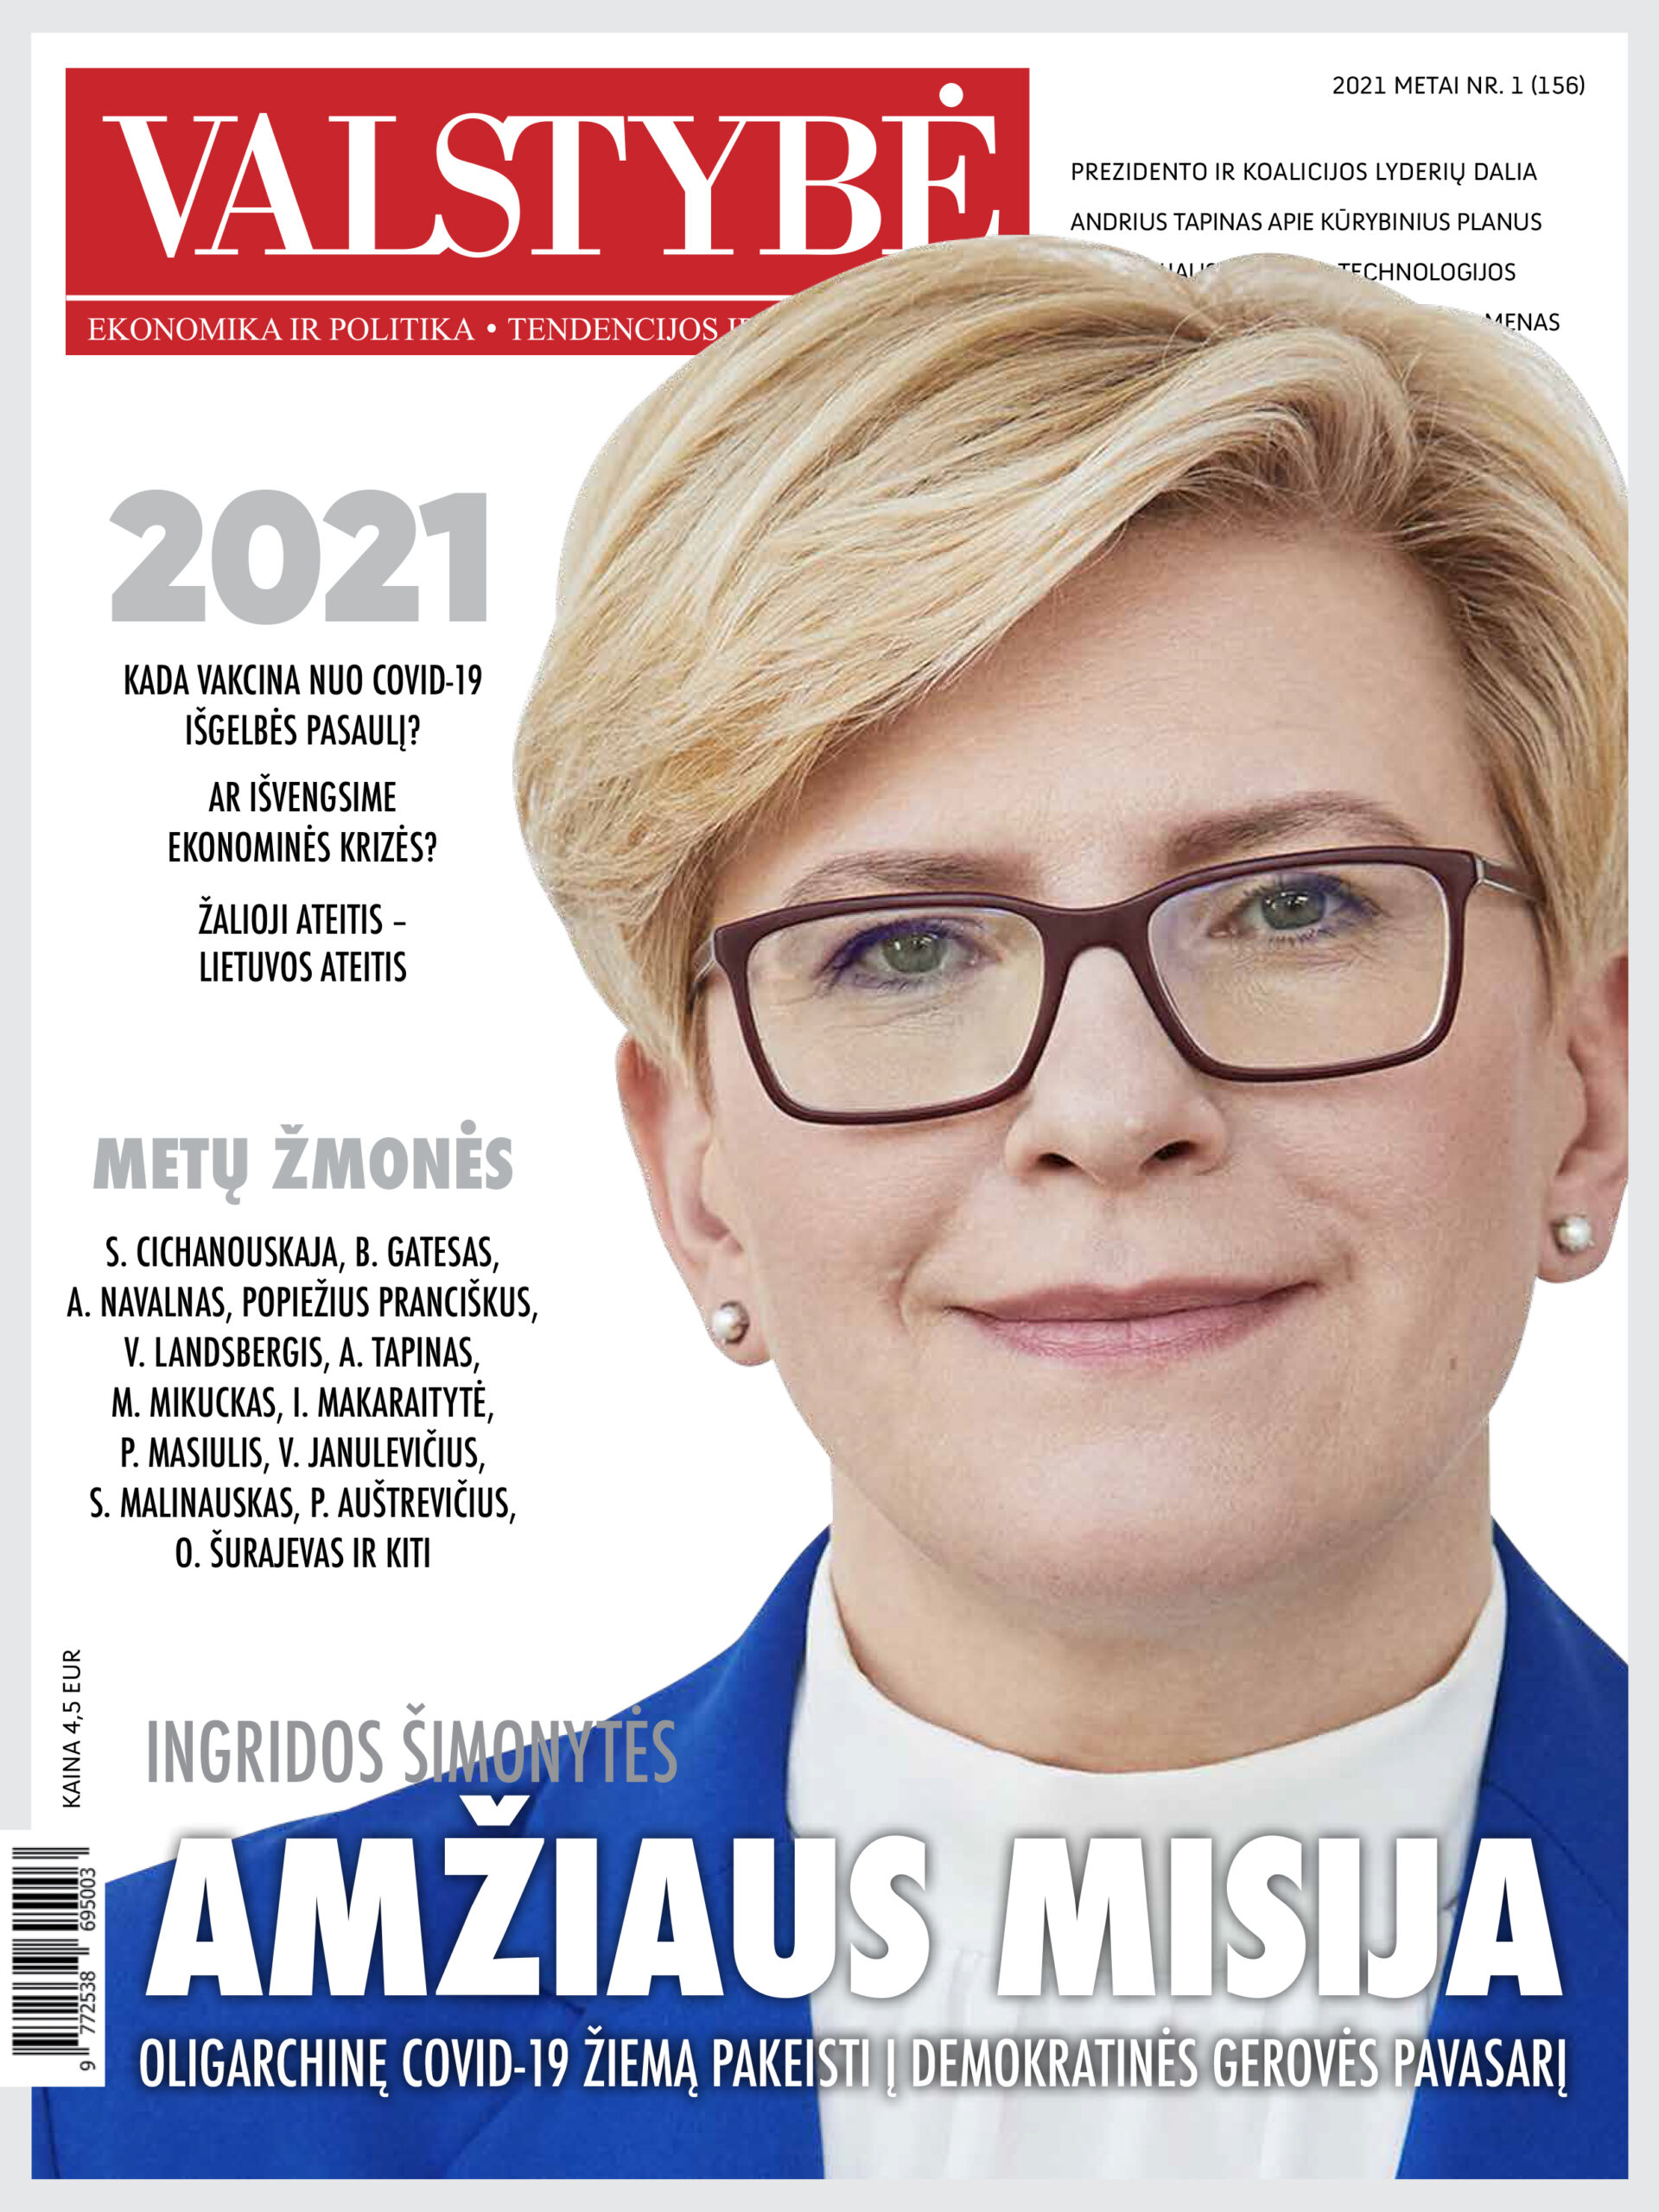 2021 metinis